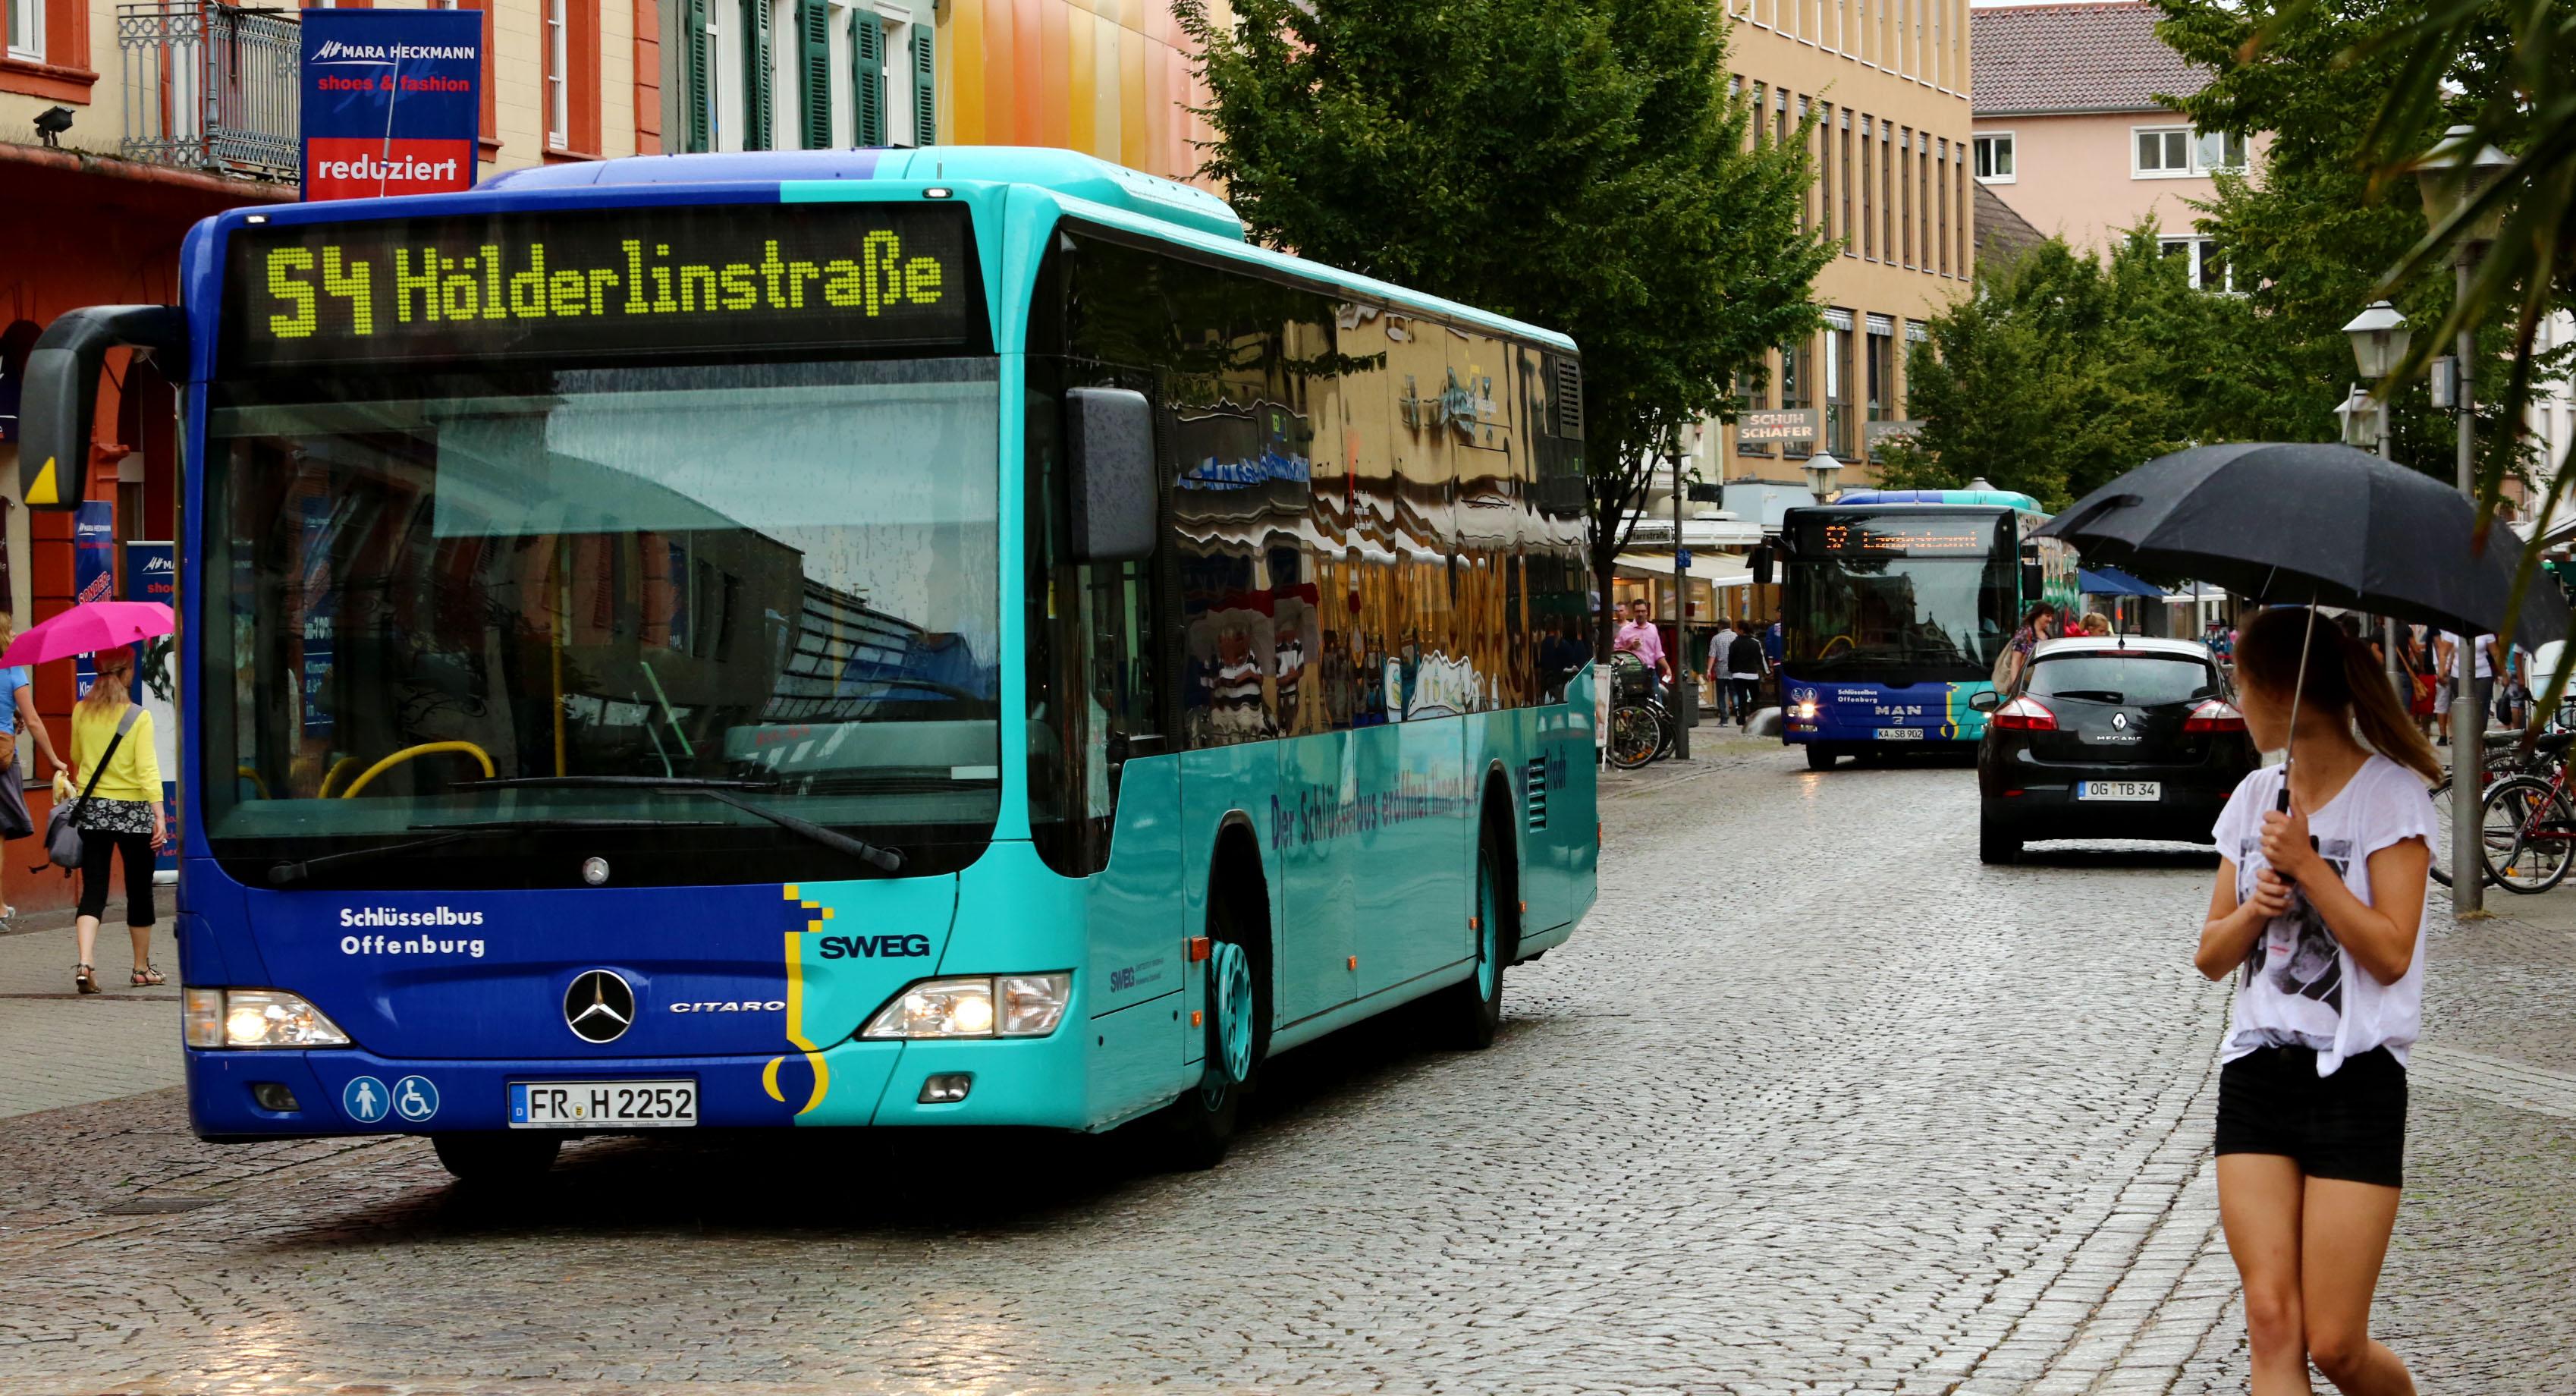 lahr lahr fahrplanwechsel nderungen im buslinienverkehr nachrichten der ortenau offenburger. Black Bedroom Furniture Sets. Home Design Ideas